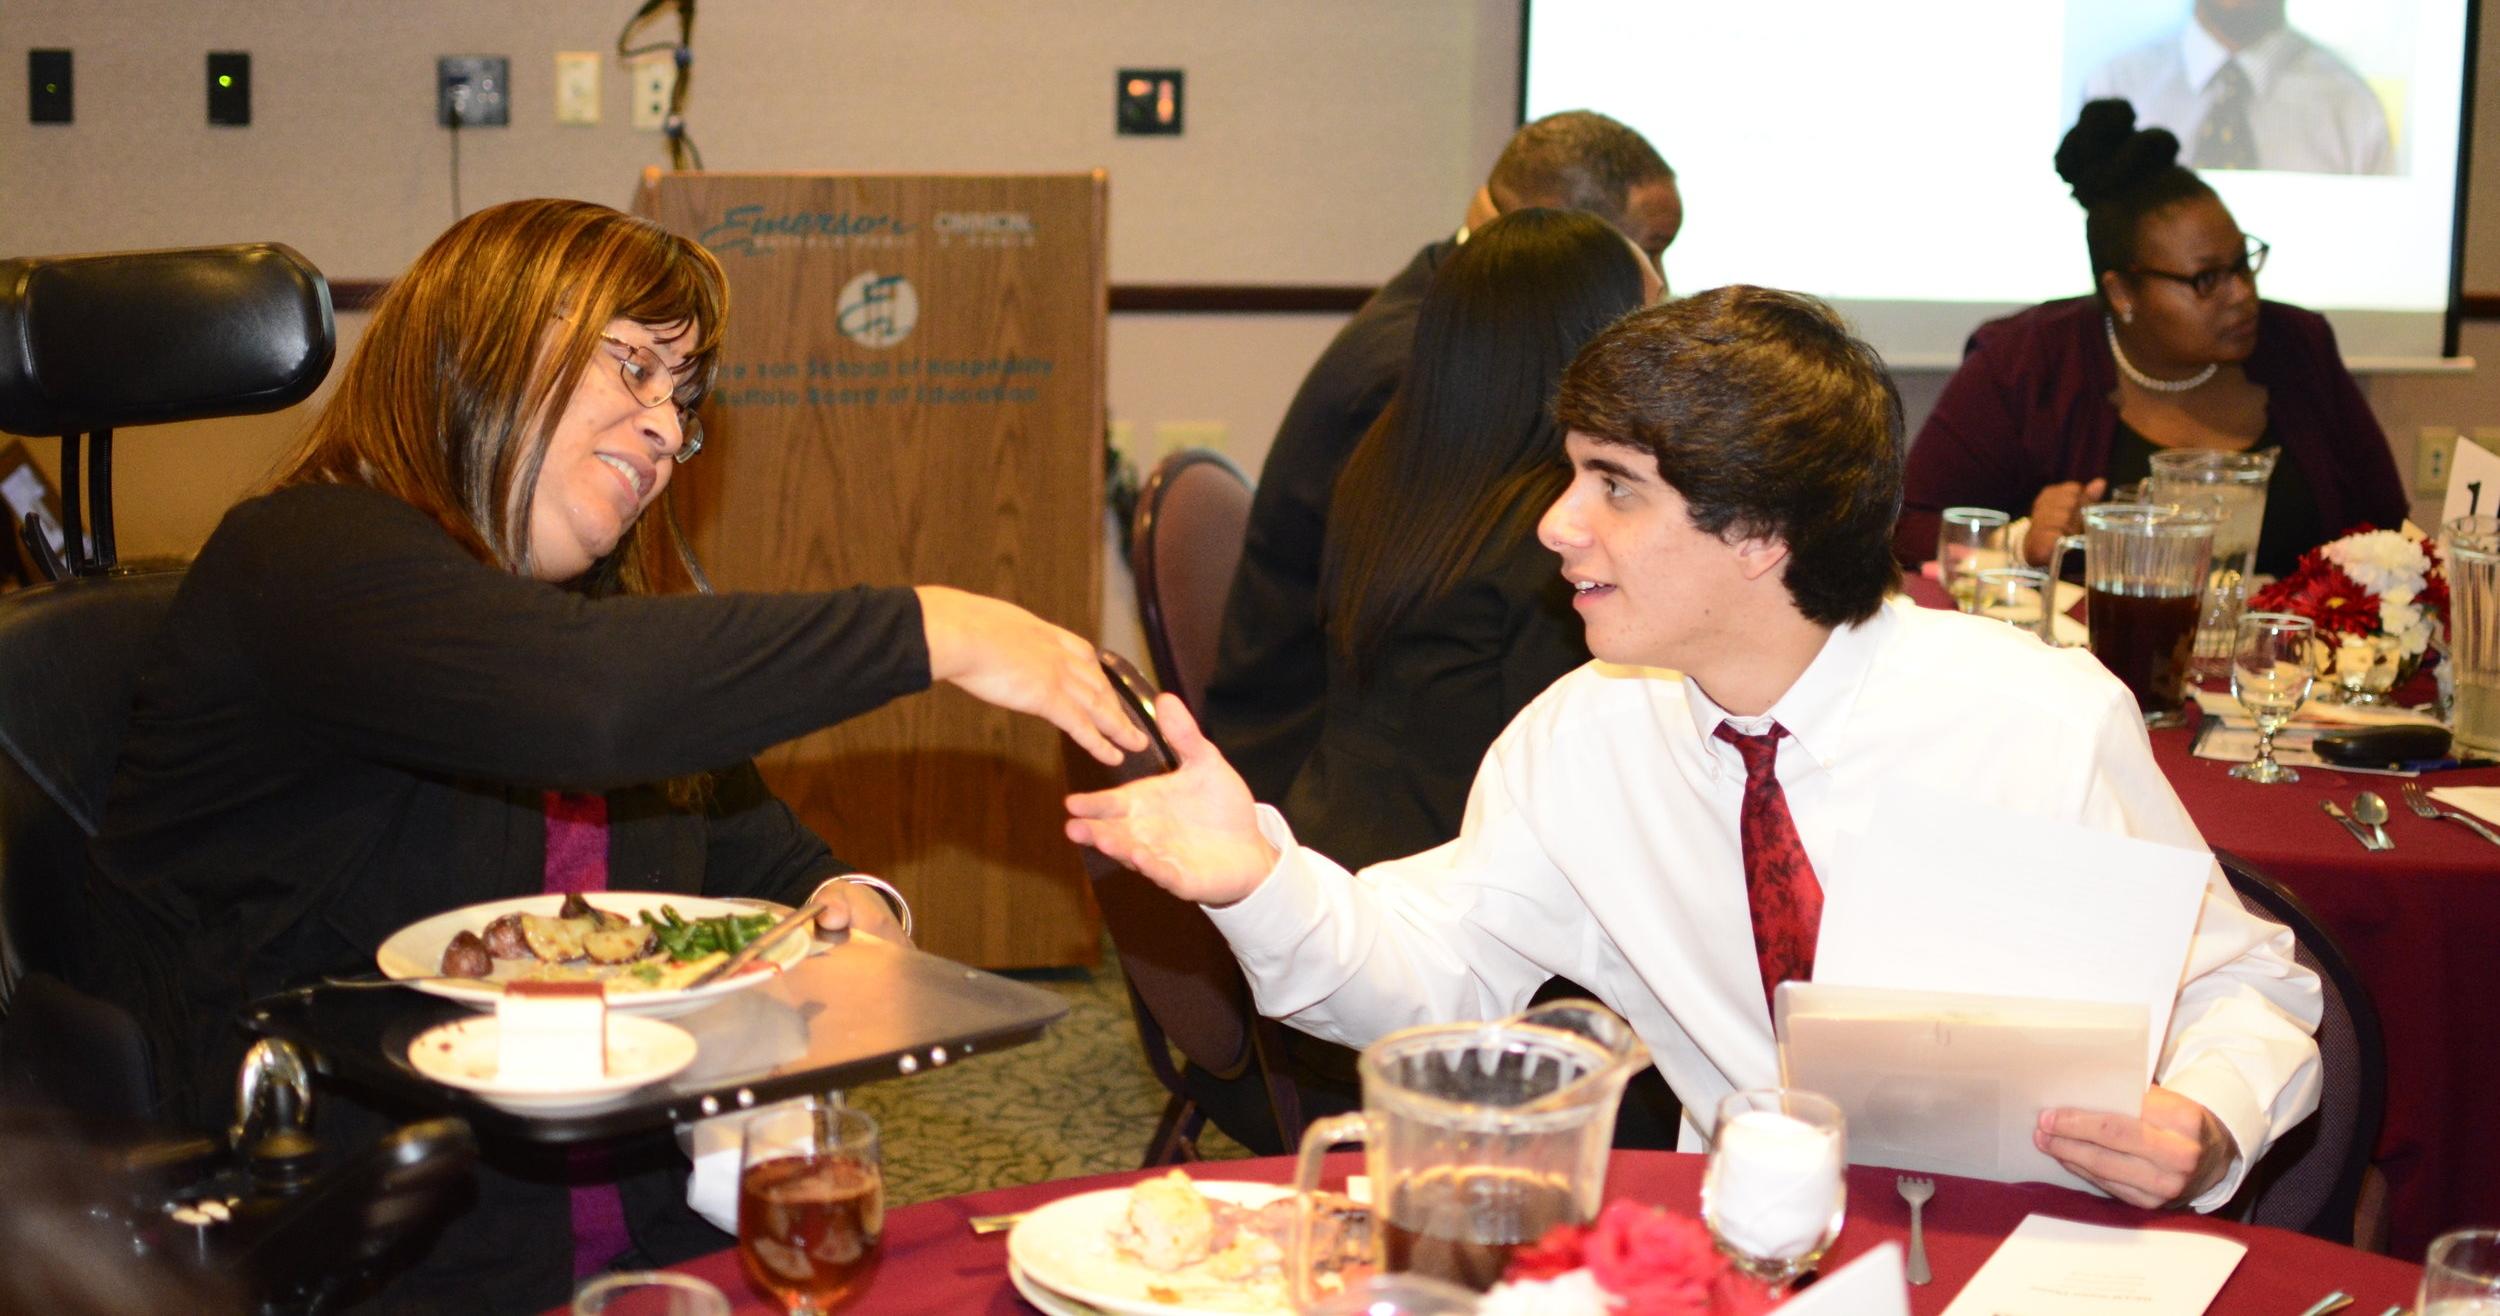 dinner shaking hands.JPG